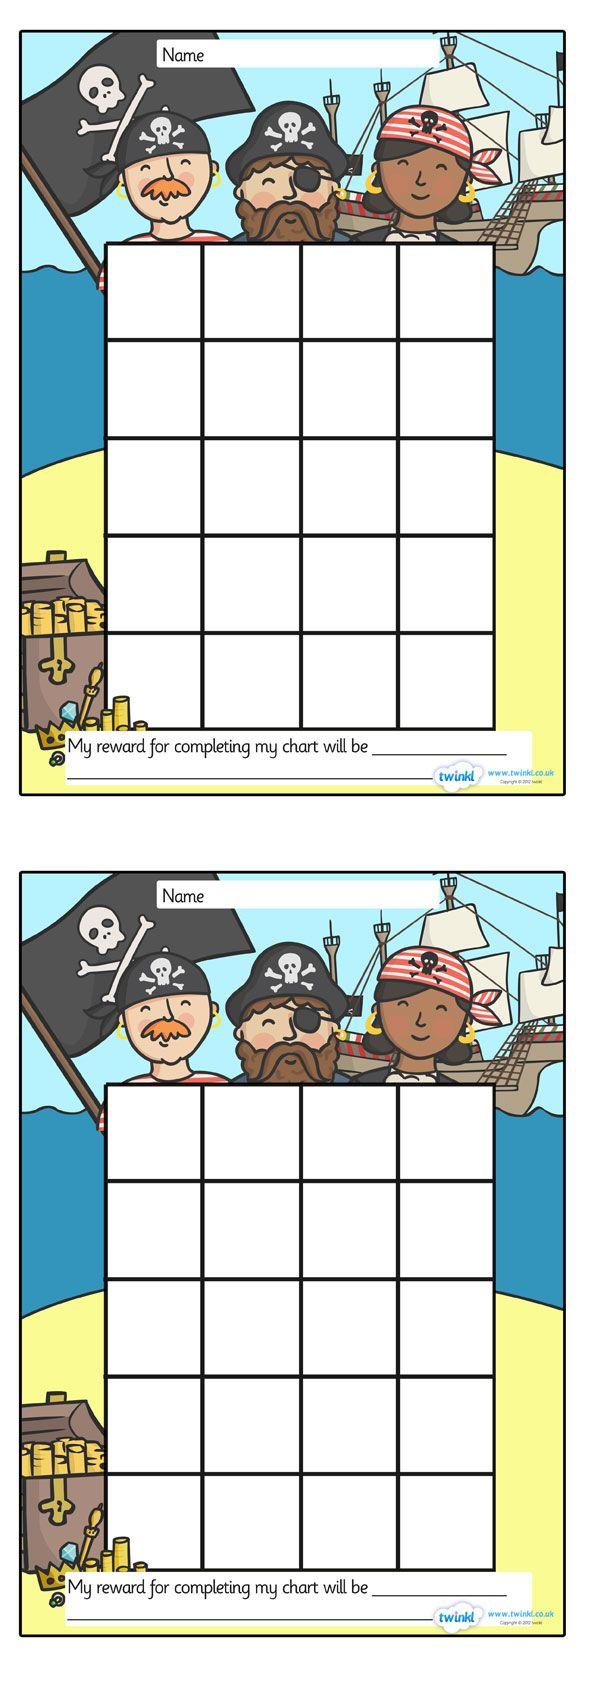 twinkl resources pirate sticker stamp reward chart